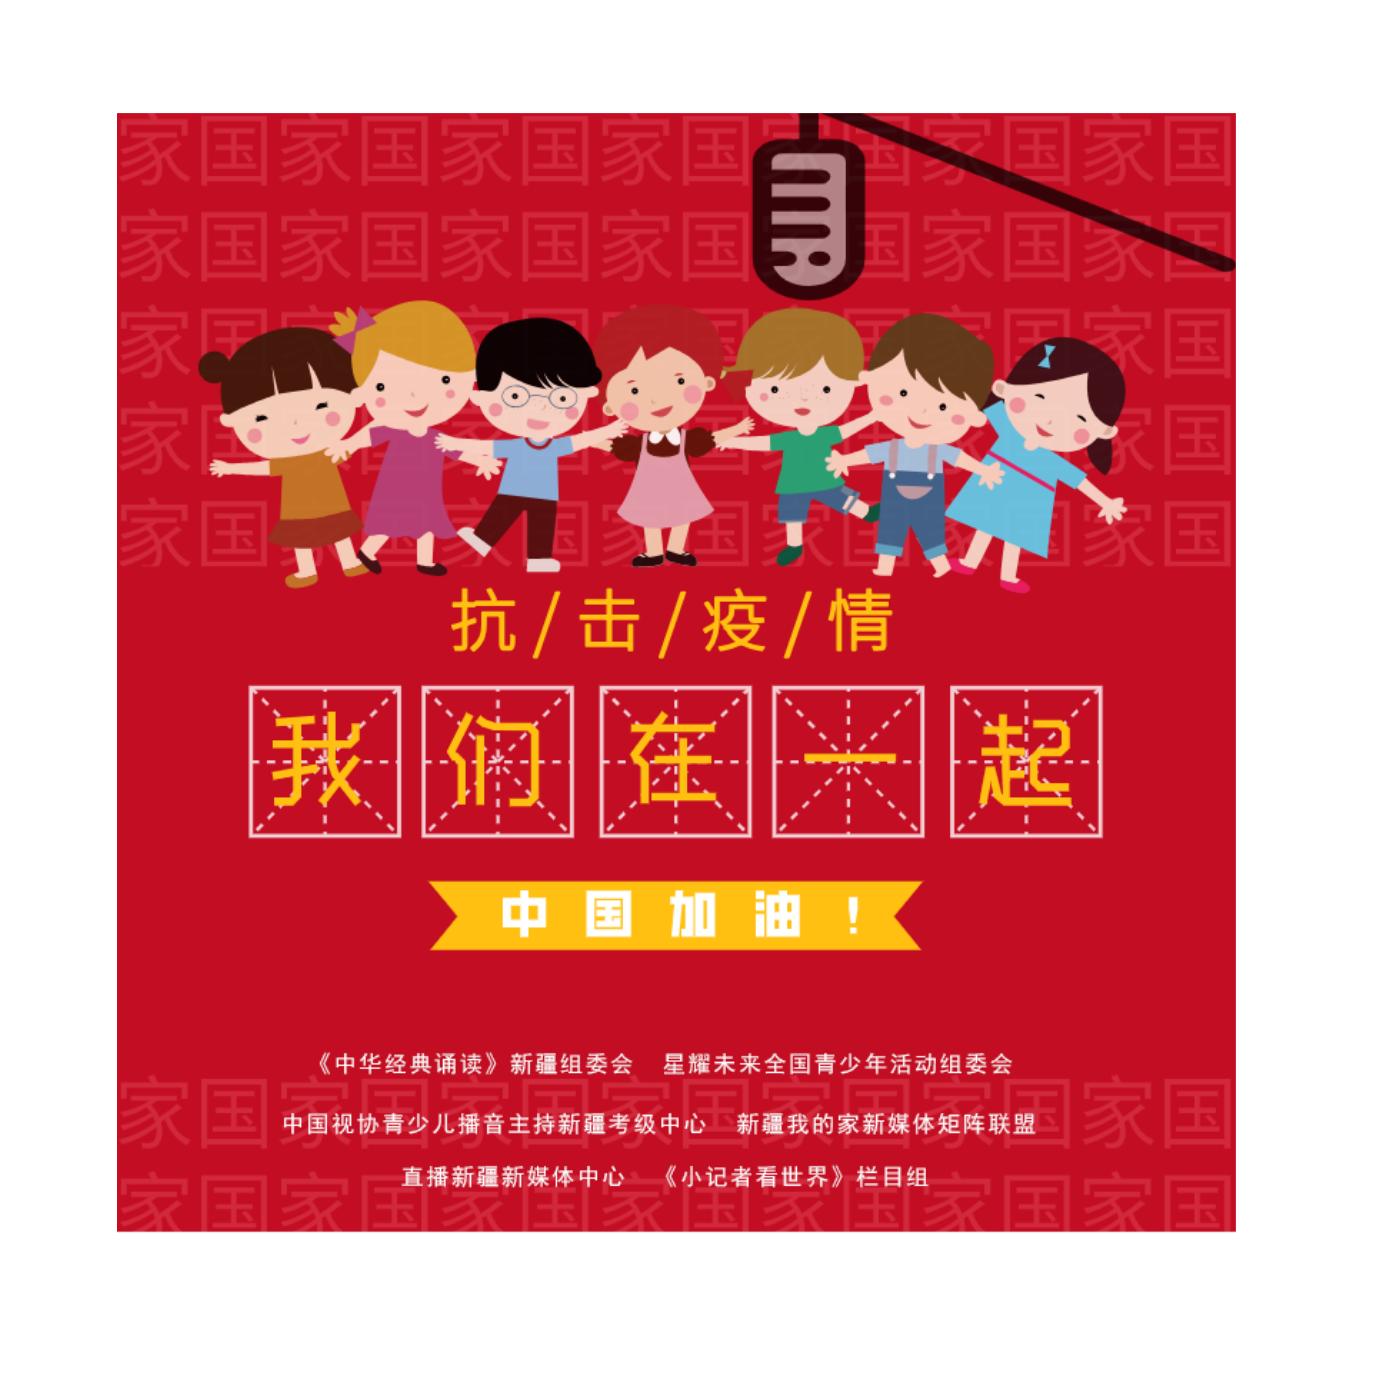 《中华经典诵读》入选朗诵作品展播